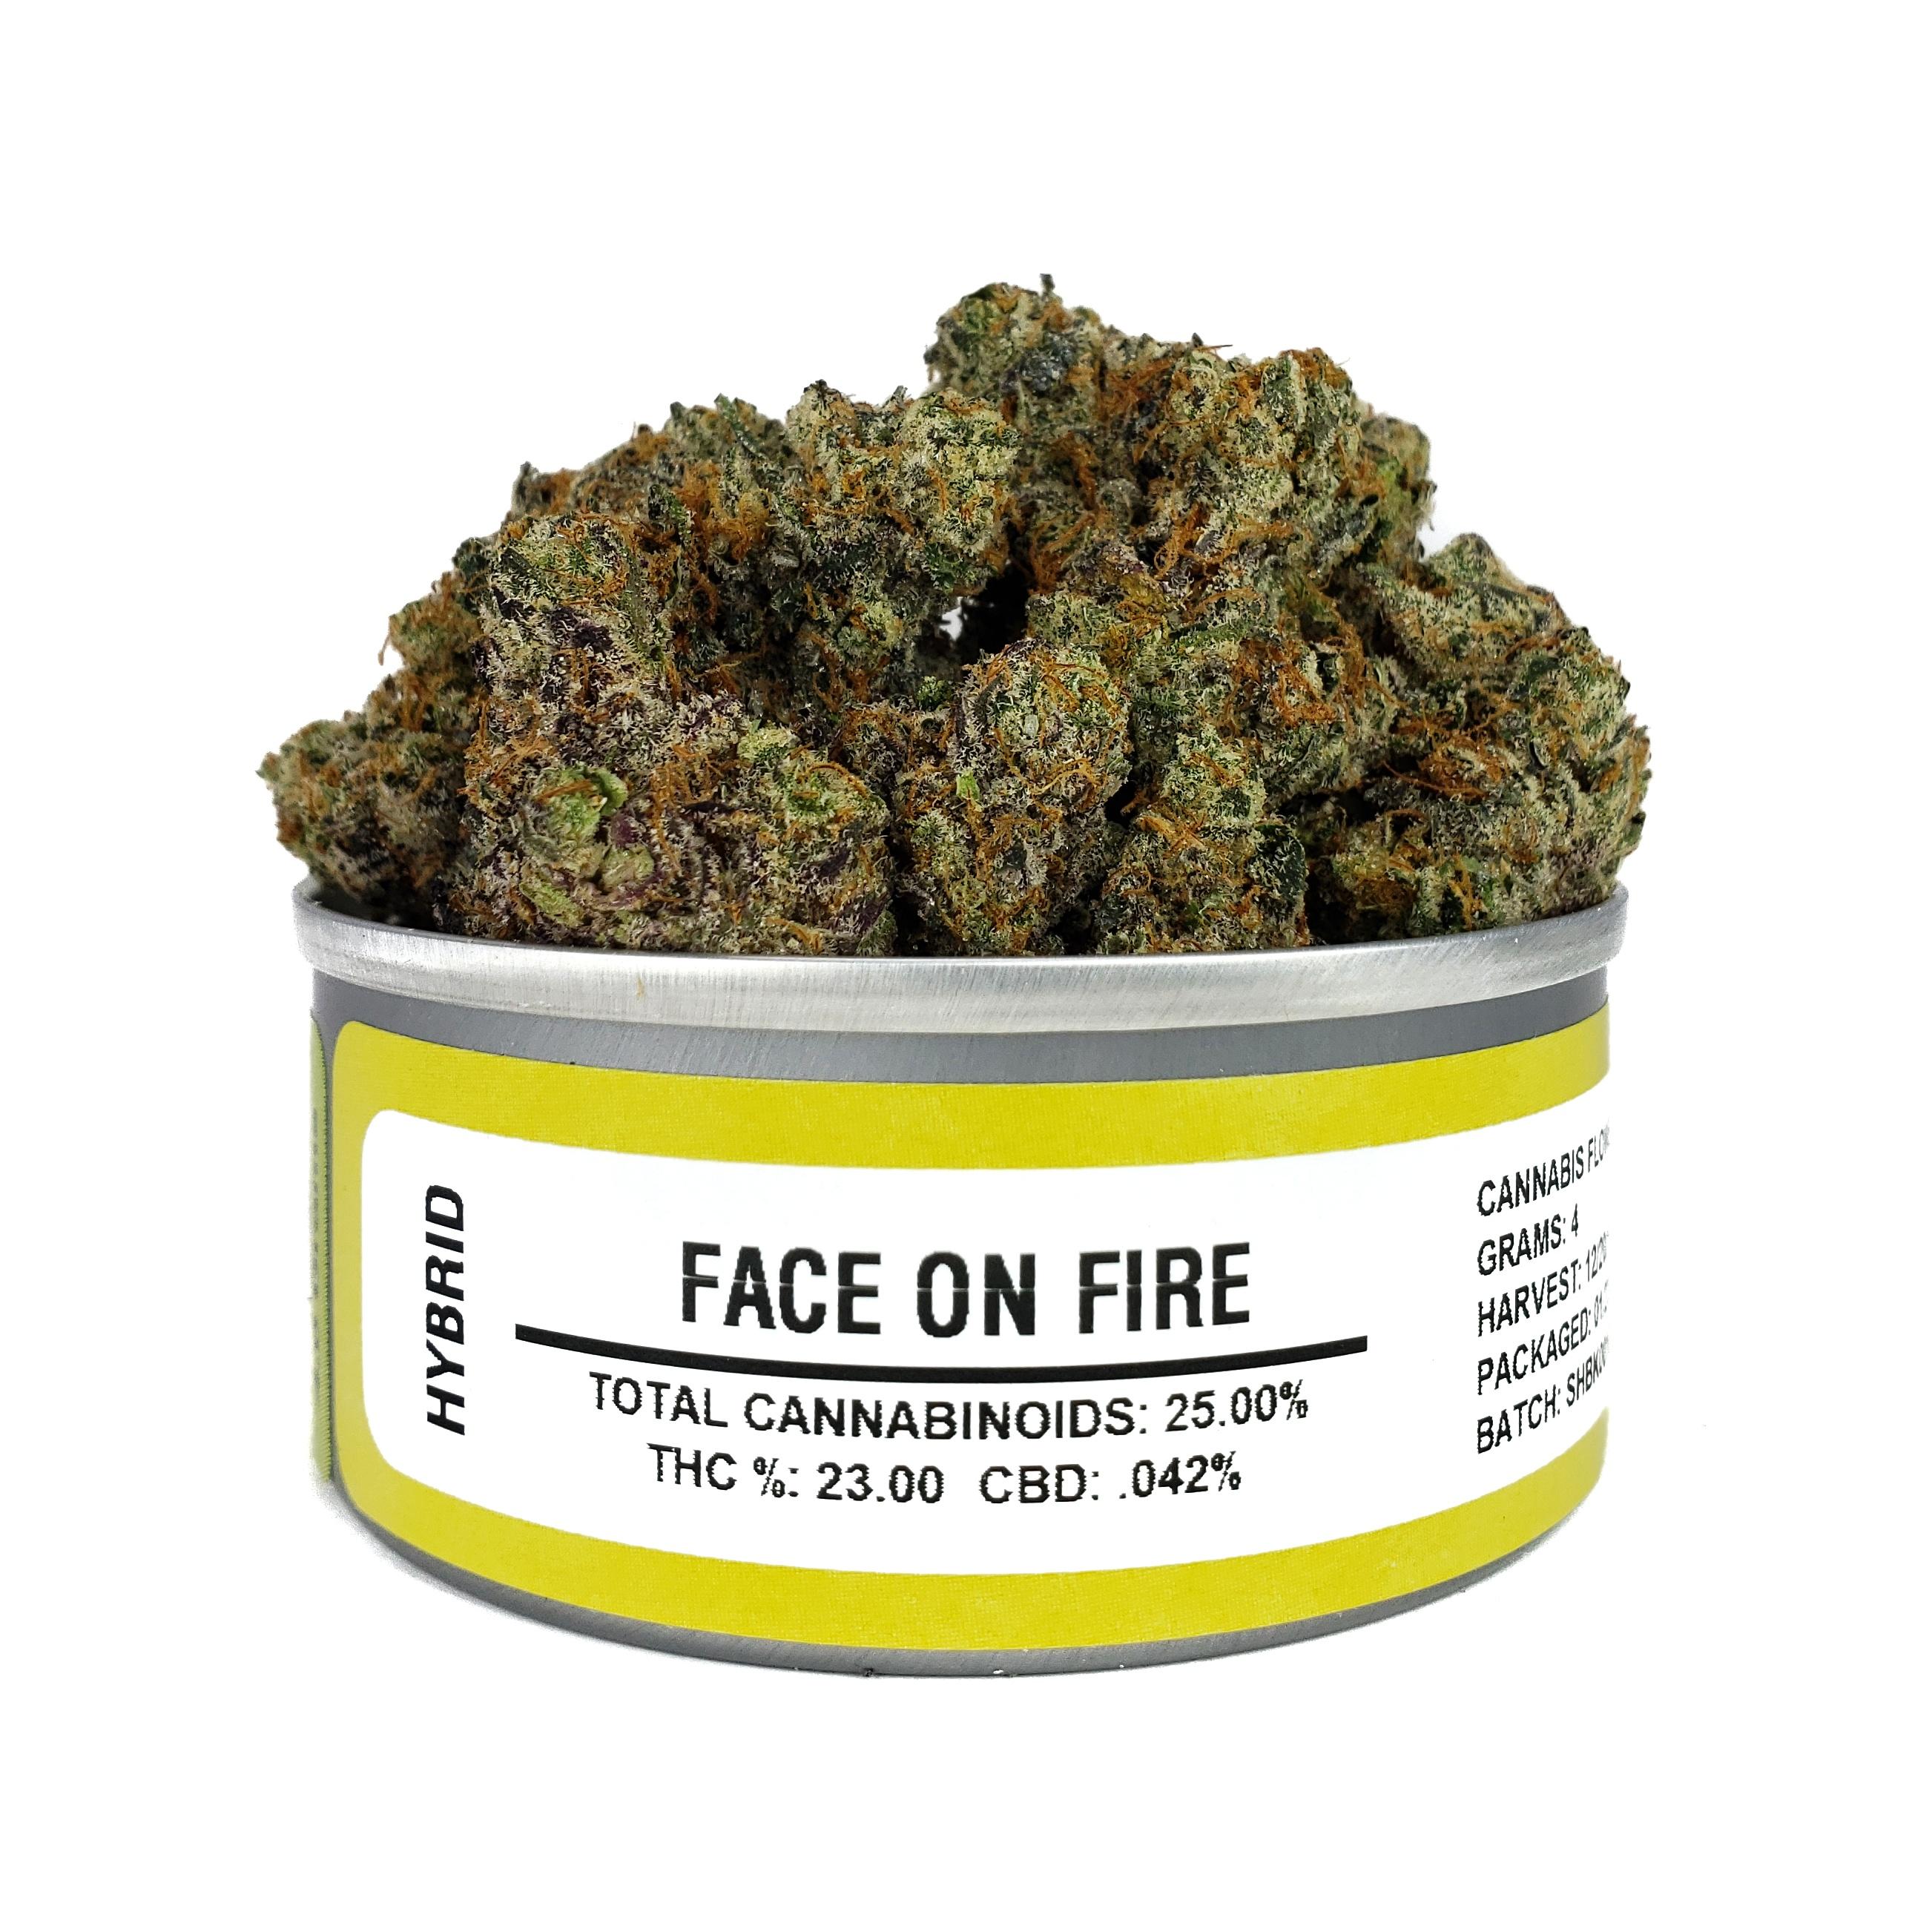 faceonfire_coa_bud